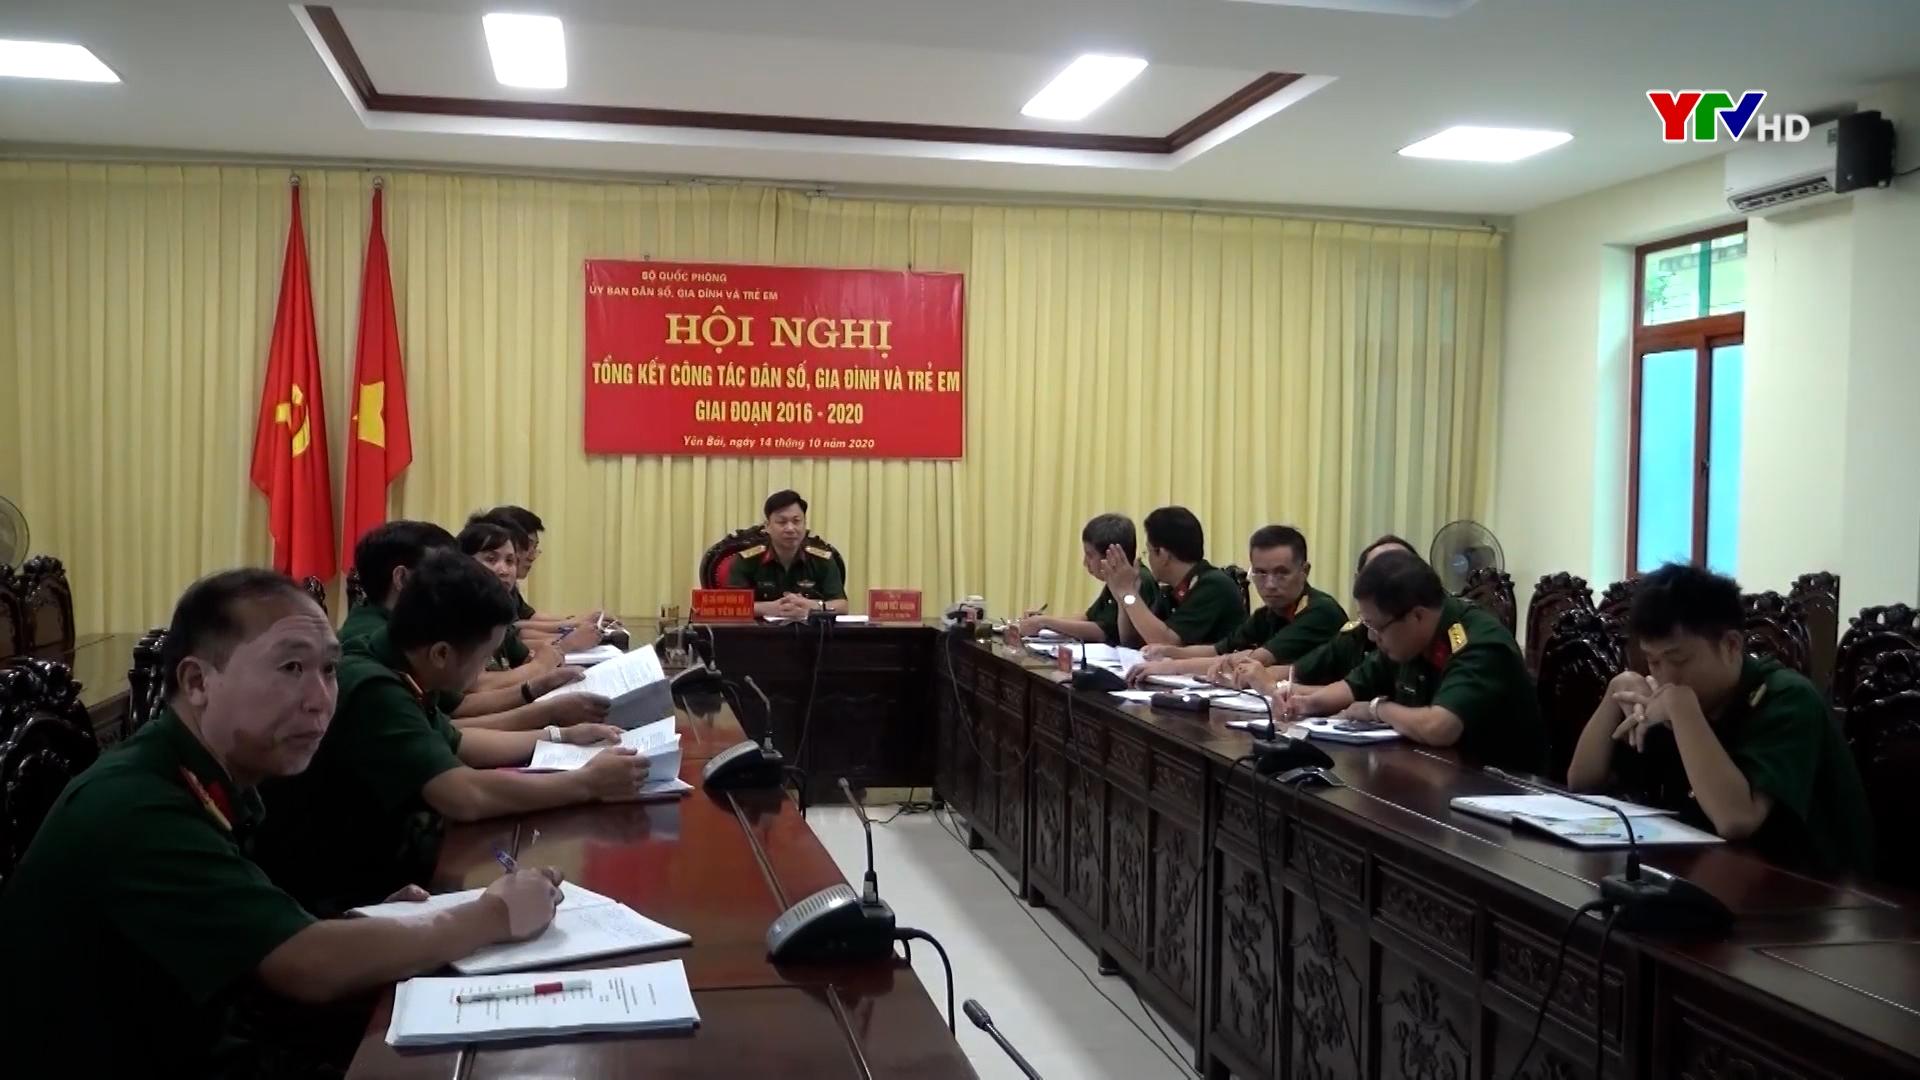 Bộ CHQS tỉnh Yên Bái tham dự Hội nghị trực tuyến tổng kết công tác dân số, gia đình và trẻ em